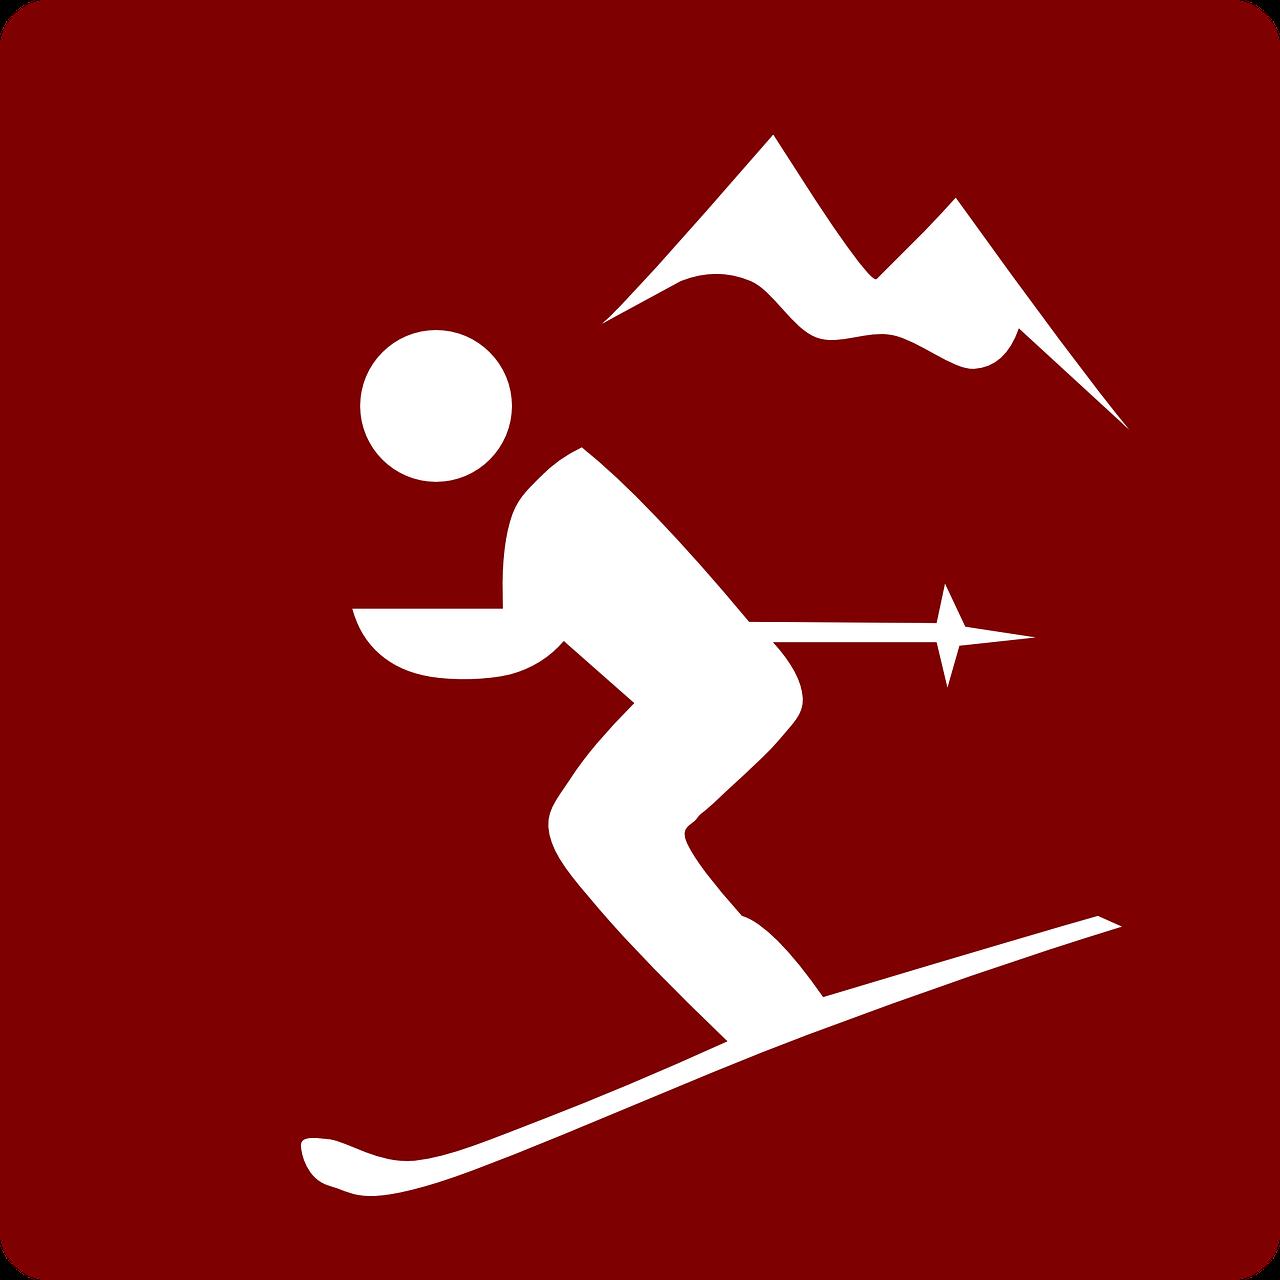 Ski clipart pair skis WinterNinja 2017 In How logo